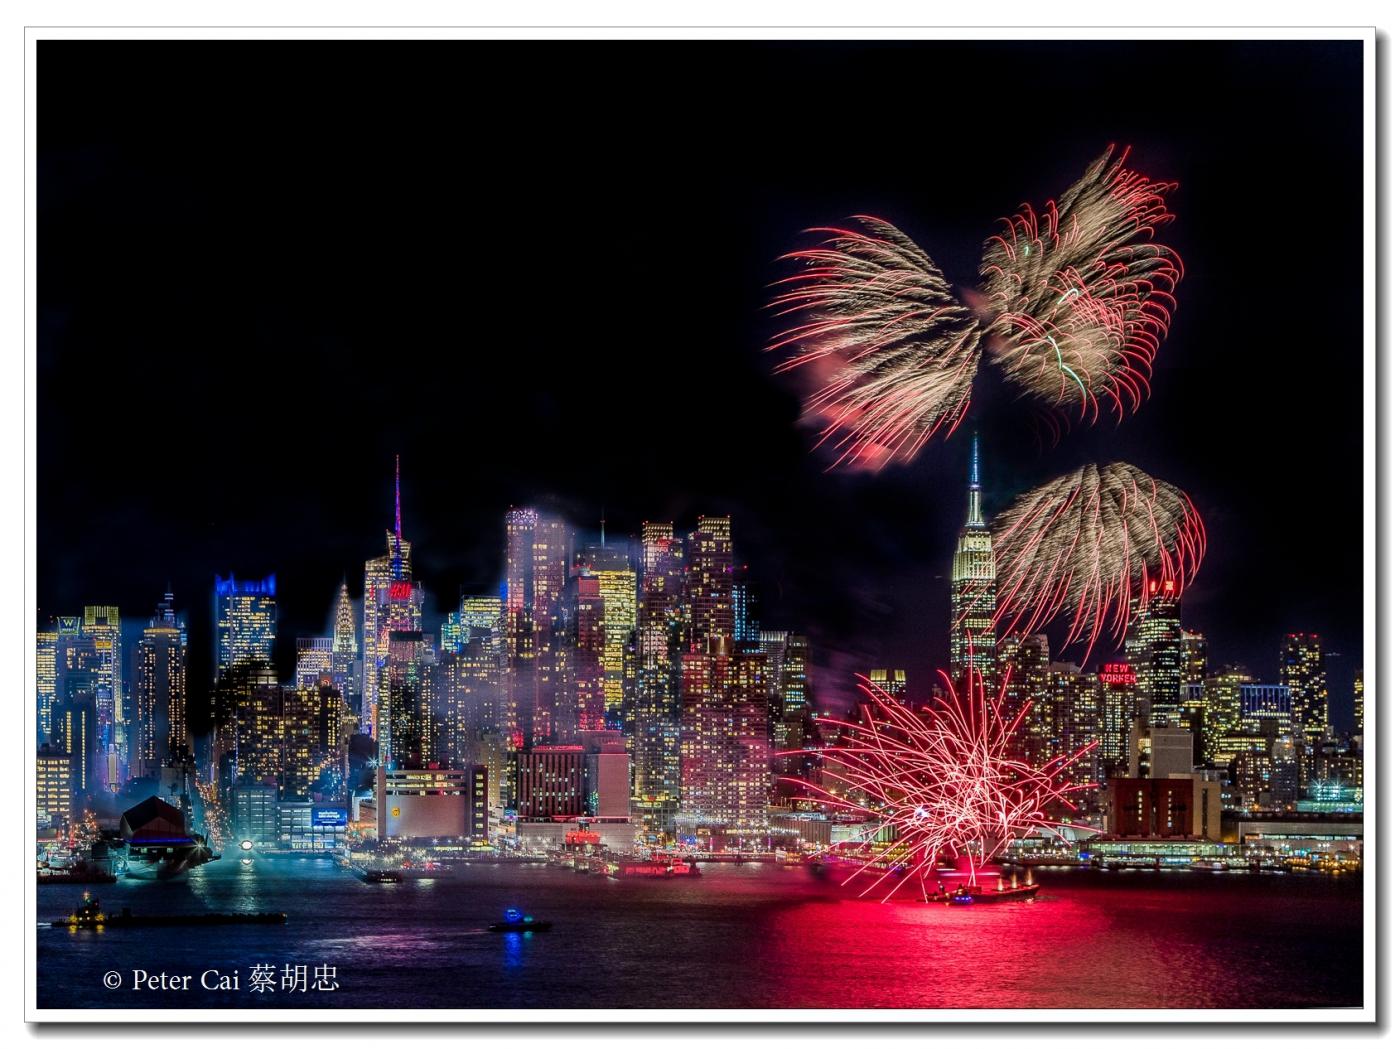 为庆祝中国新年, 纽约昨天晚上盛放焰火_图1-4